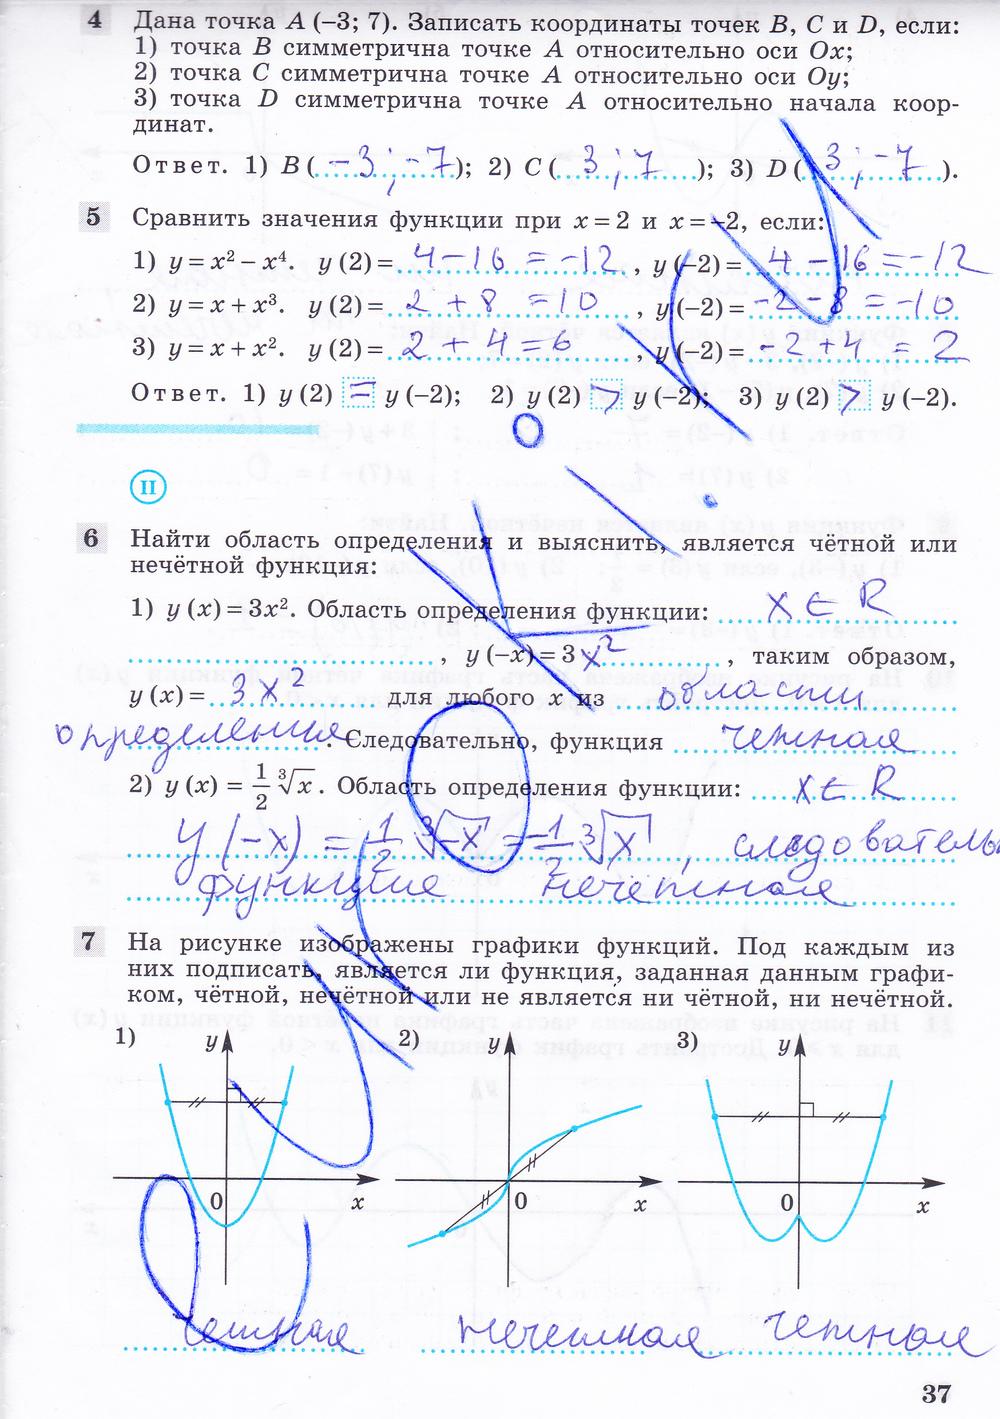 Гдз по алгебре 9 класс фёдорова учебник